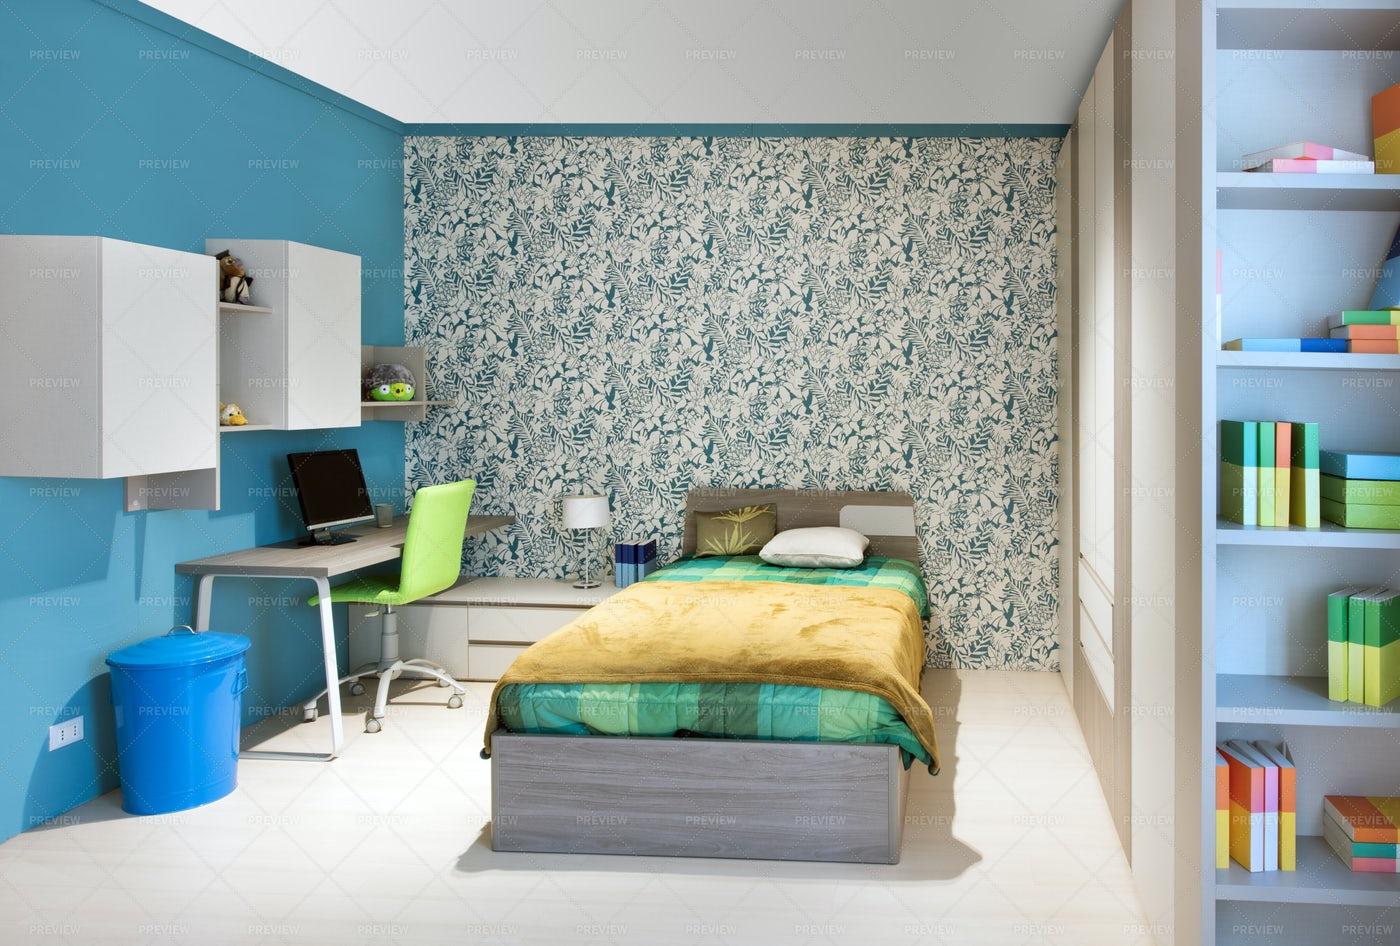 Teenagers Bedroom: Stock Photos